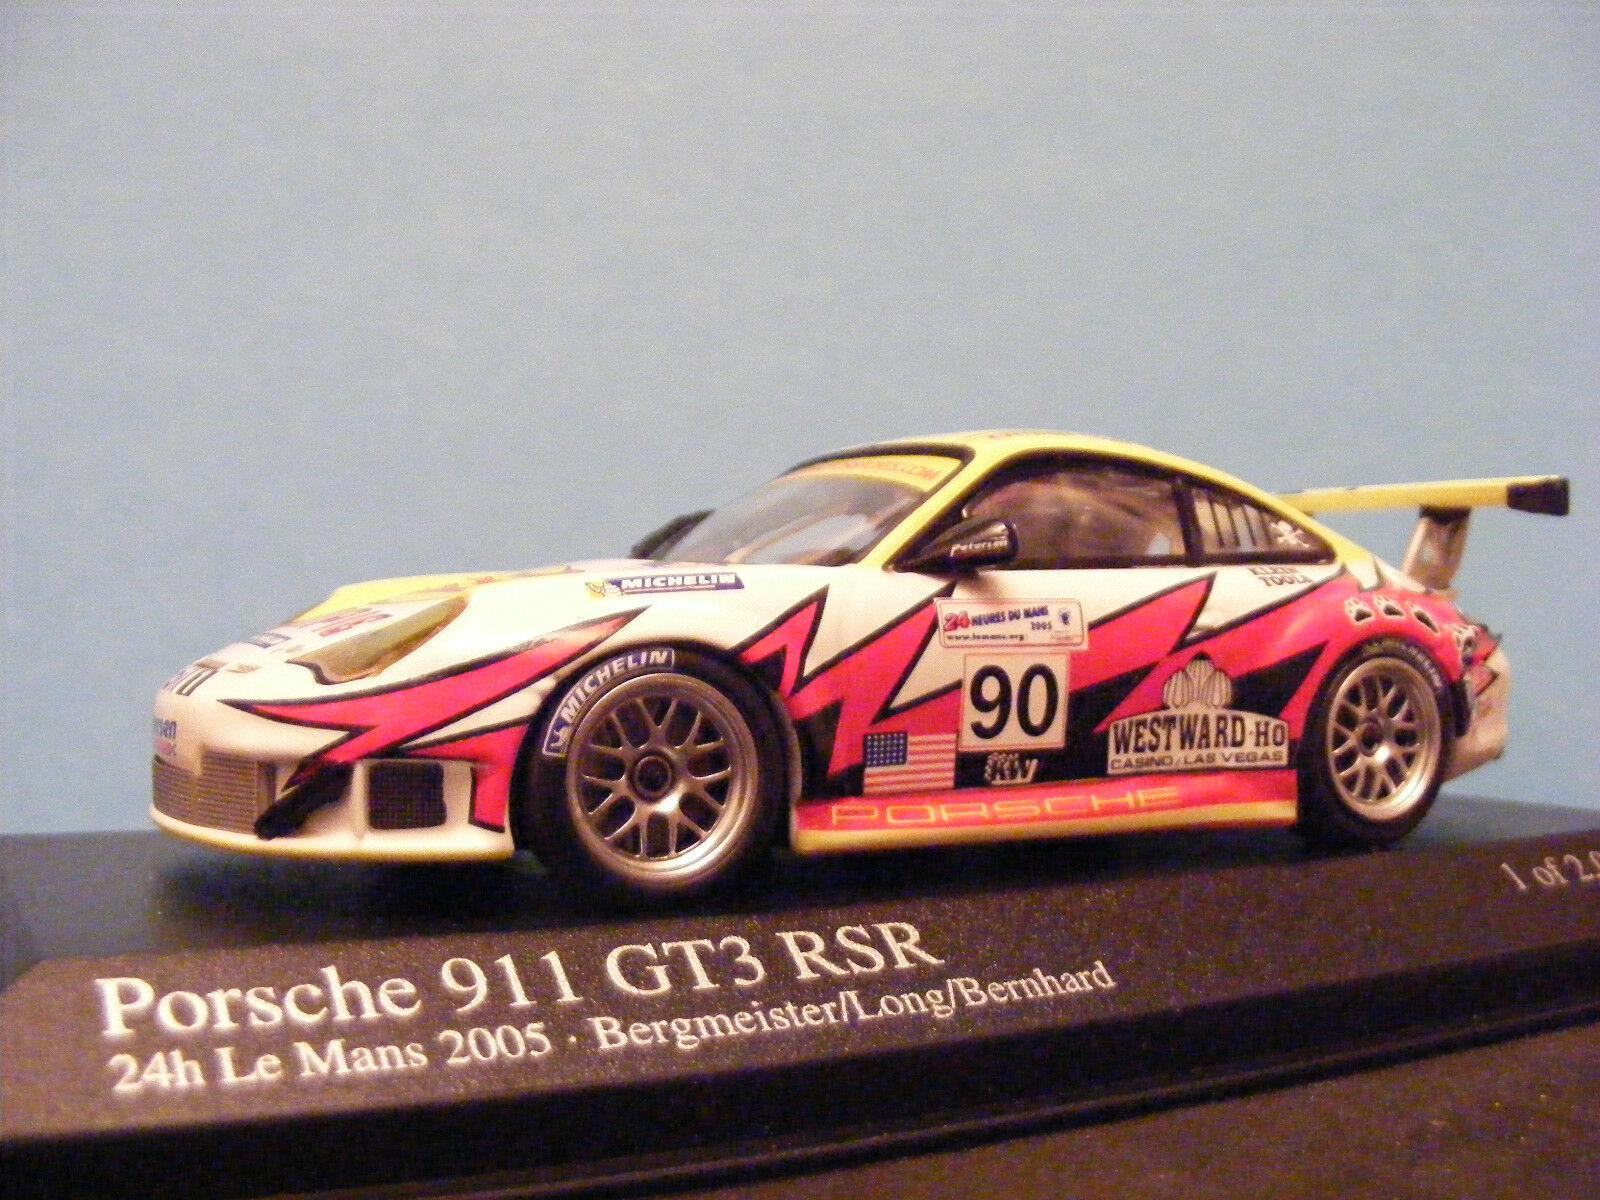 Porsche 911 GT 3 RSR  Lemans 2005 No 90 Bergmeister Long Bernhard 1 43rd Scale